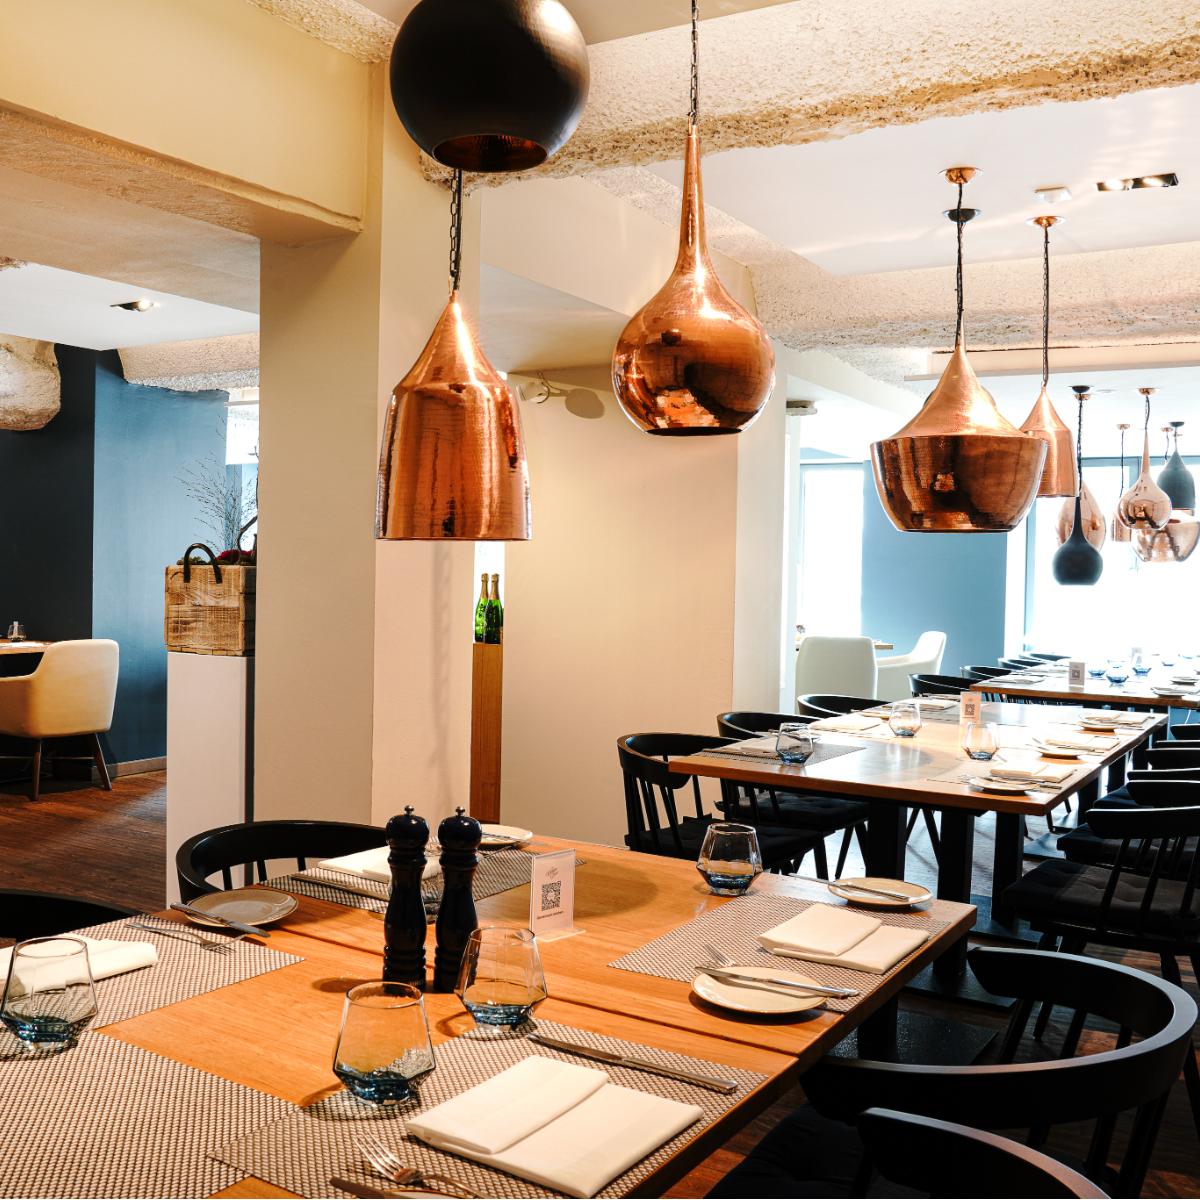 Vlet Kitchen & Bar Hamburg (7)